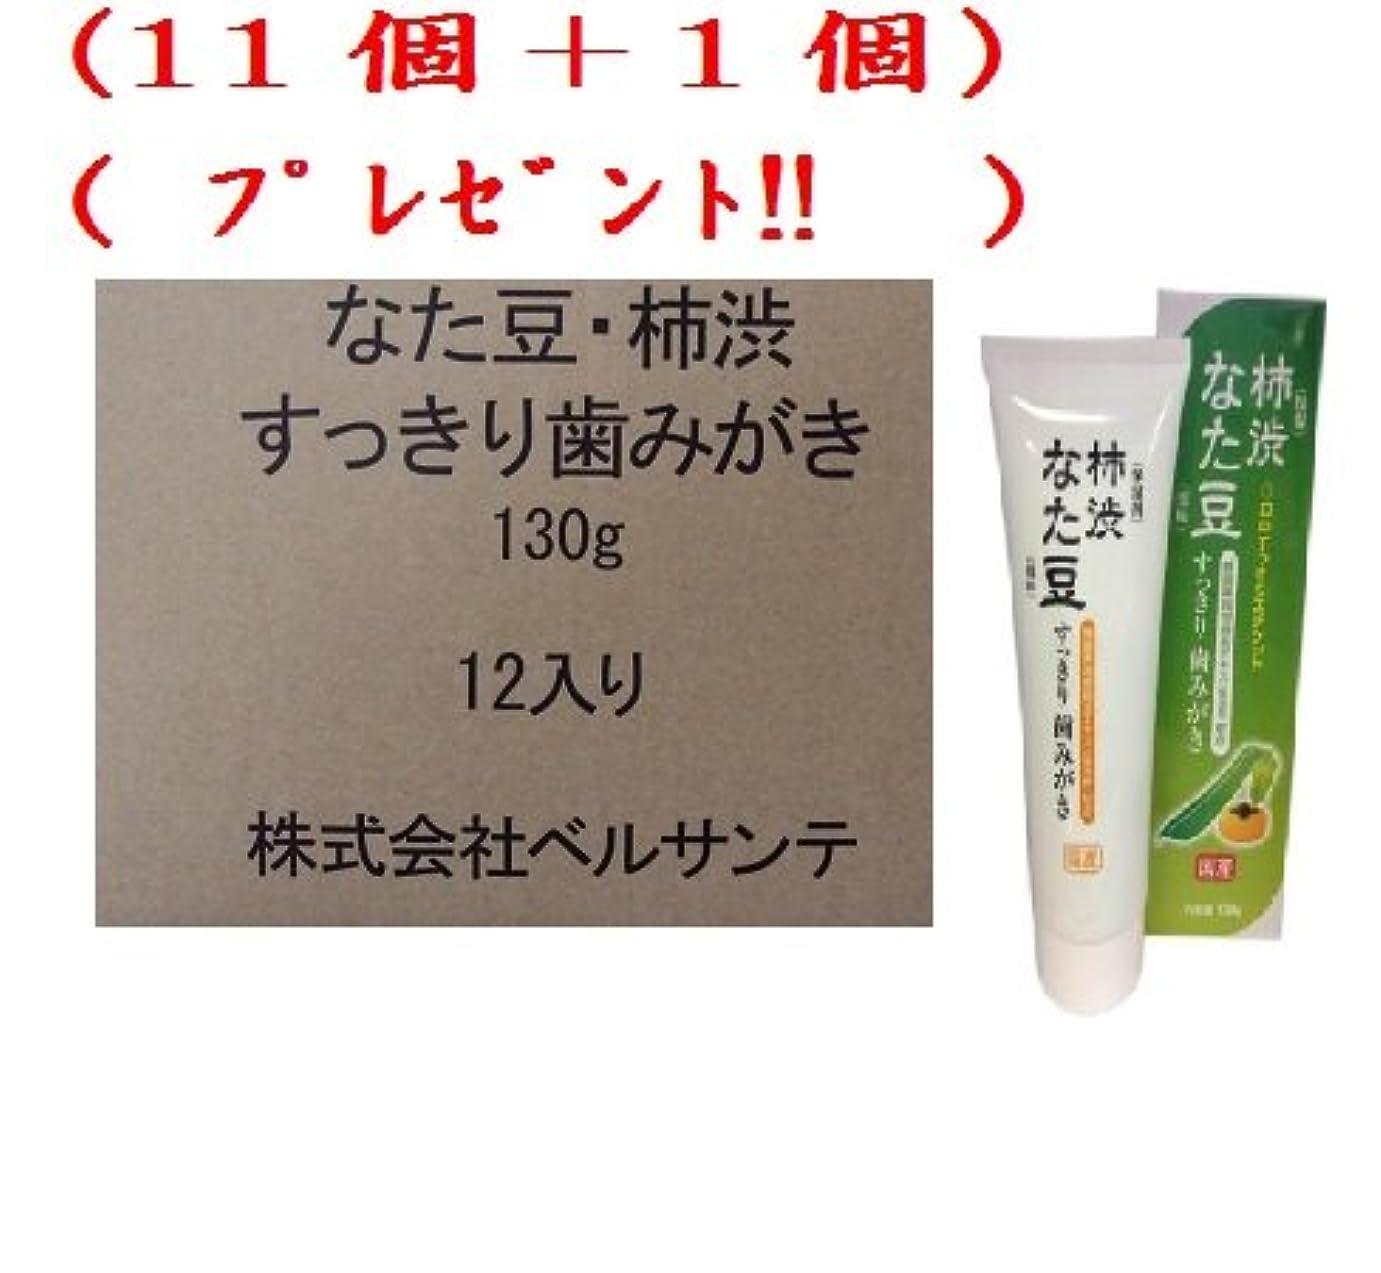 安定しました引用ただナタ豆柿渋歯みがき130g(●11個購入特別価額+1個プレゼント)